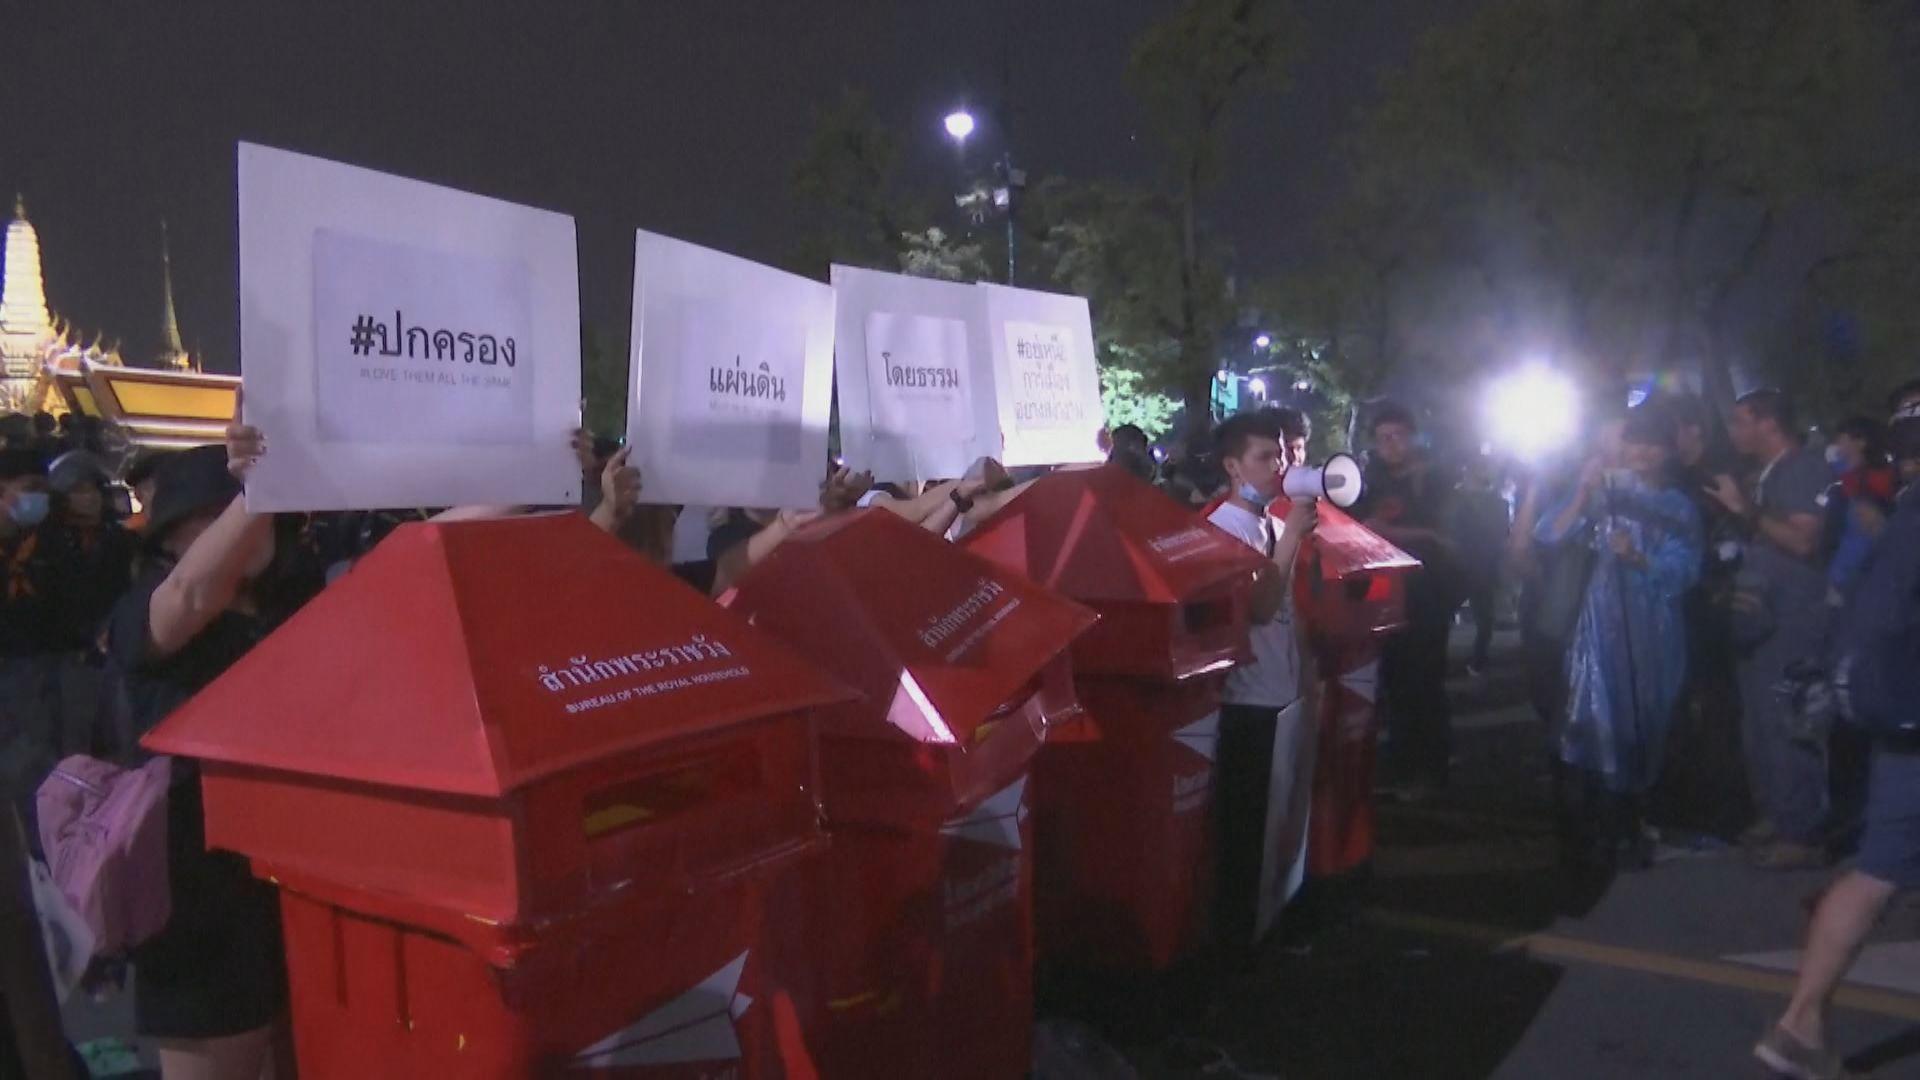 泰國示威者去信要求泰王與人民對話